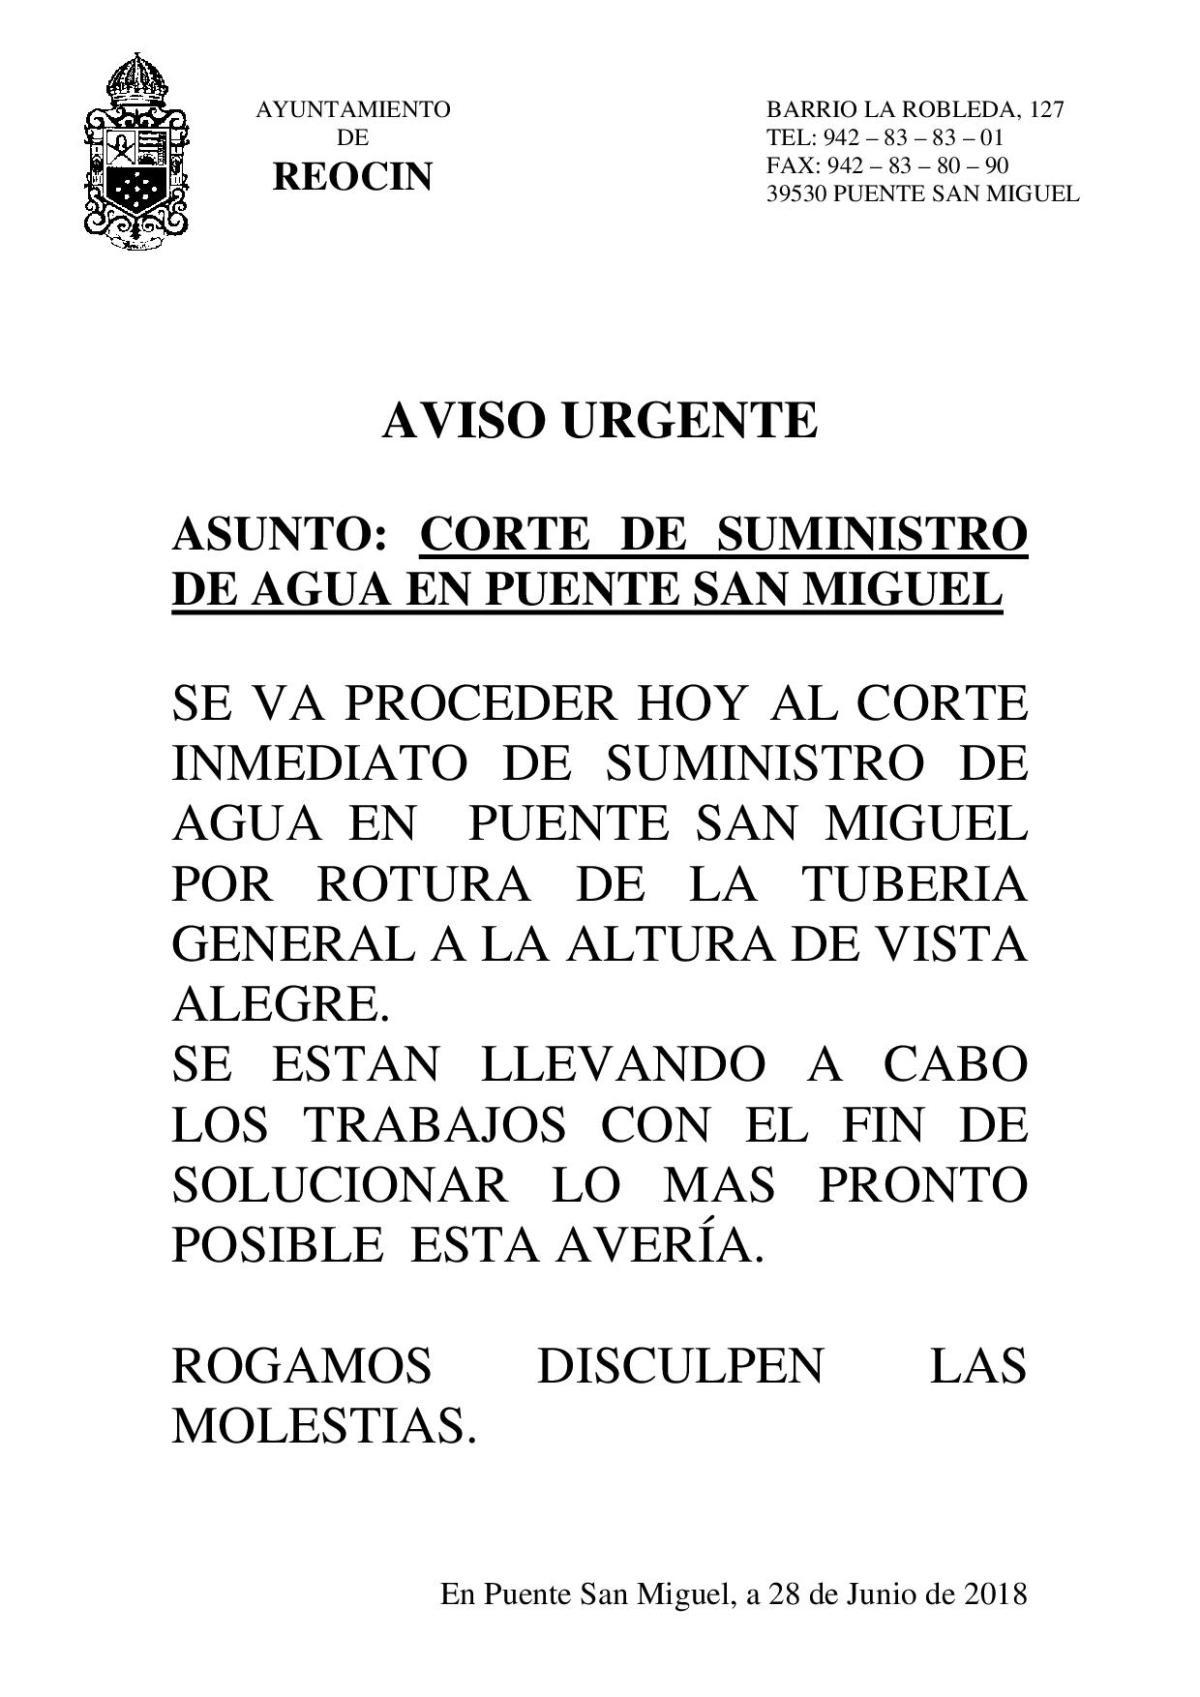 CORTE DE SUMINISTRO DE AGUA EN PUENTE SAN MIGUEL 28JUNIO2018